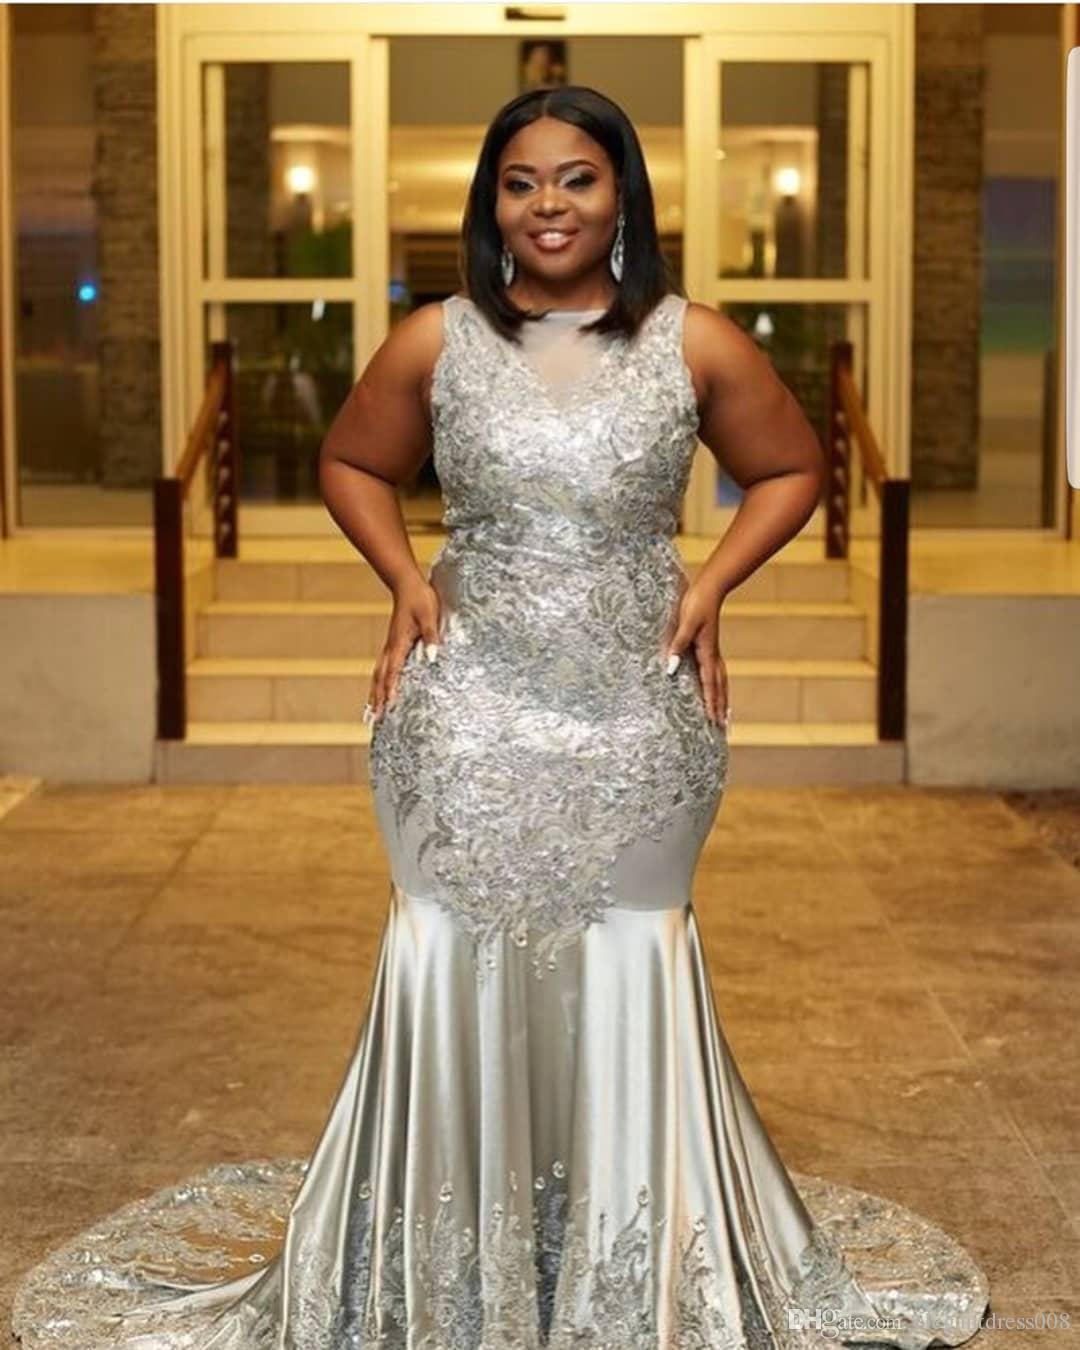 Großhandel Afrikanische Schwarze Mädchen Nigerian Silber Meerjungfrau Prom  Kleider Plus Size Abendkleider Gericht Zug Kleider Abendmode Besondere